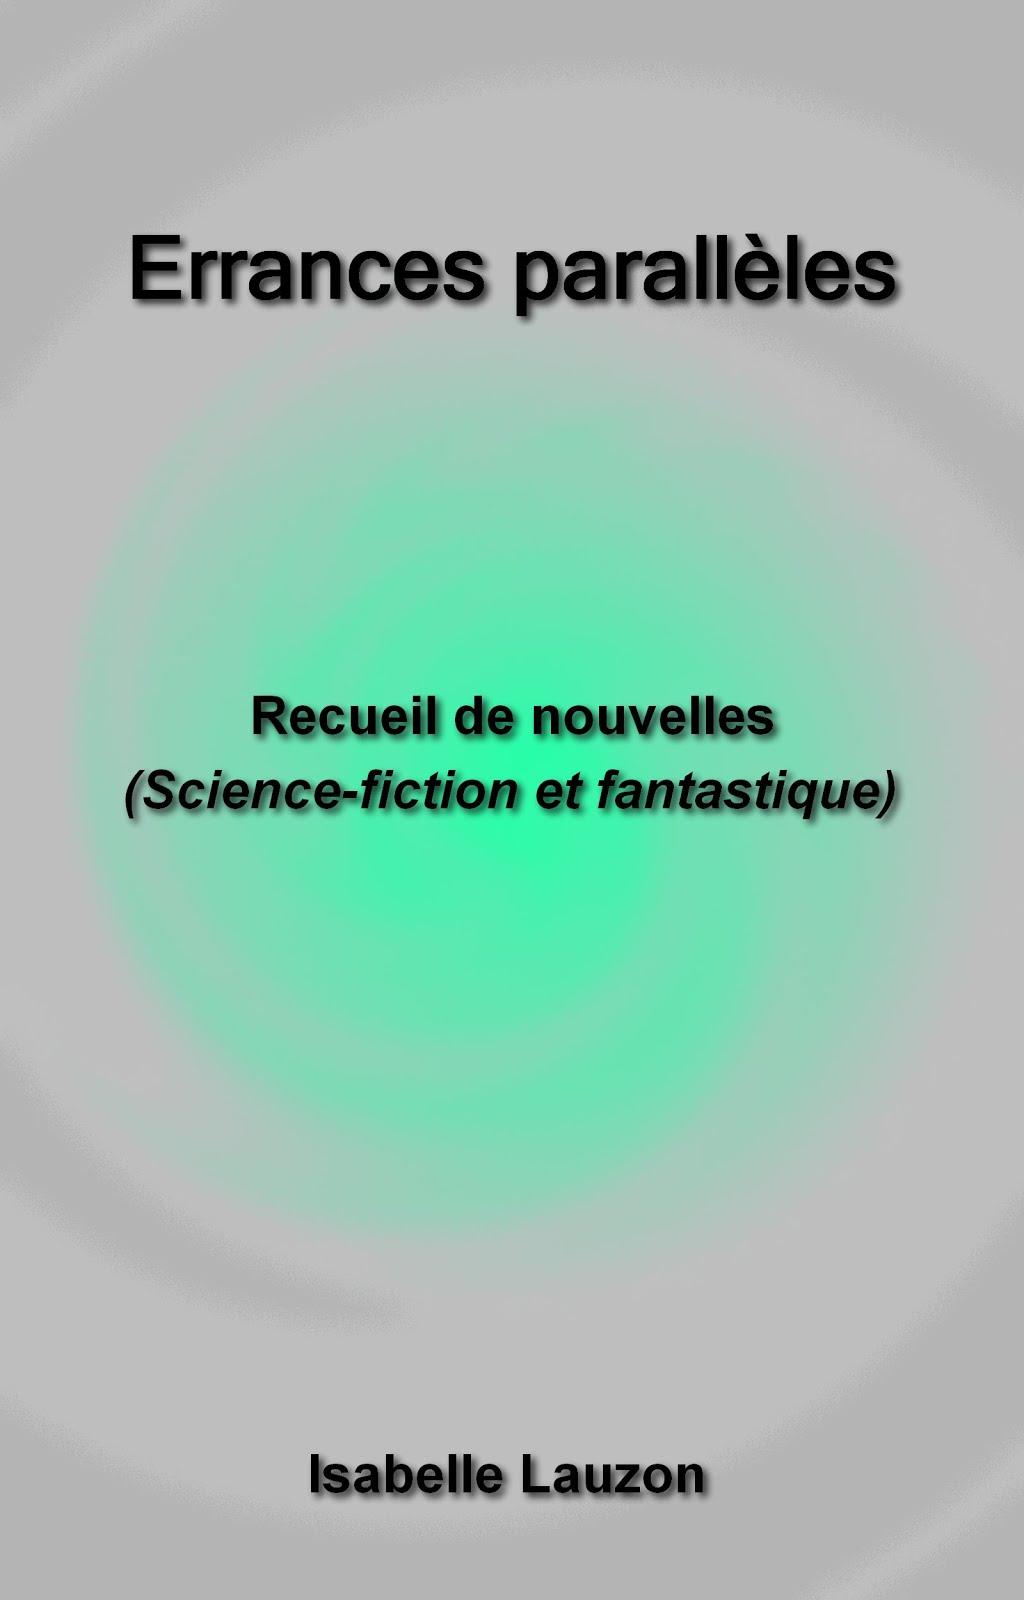 Recueil de nouvelles (disponible sur Amazon)